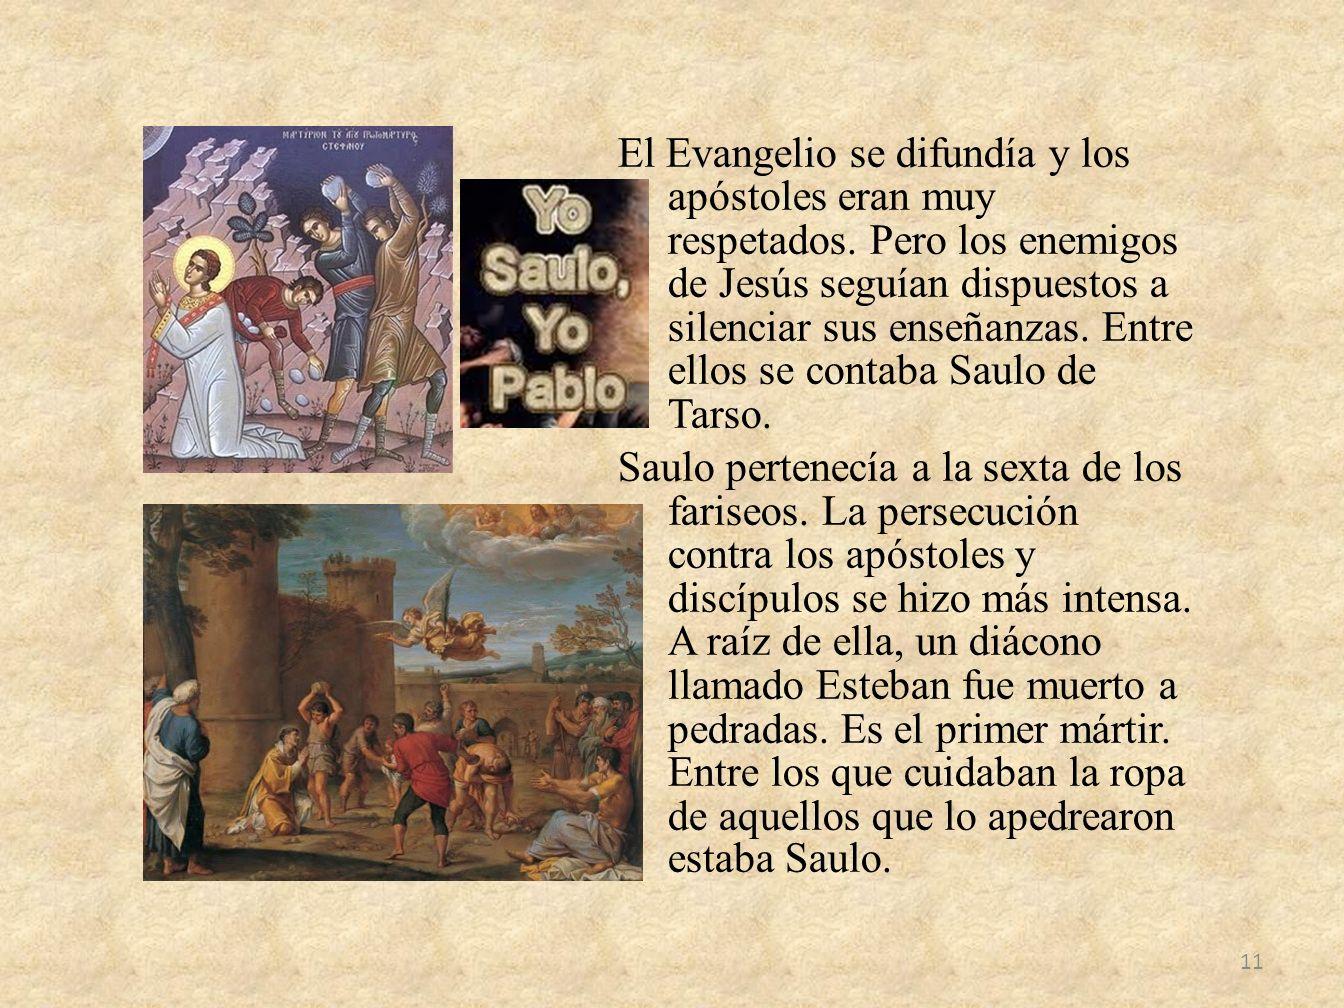 El Evangelio se difundía y los apóstoles eran muy respetados